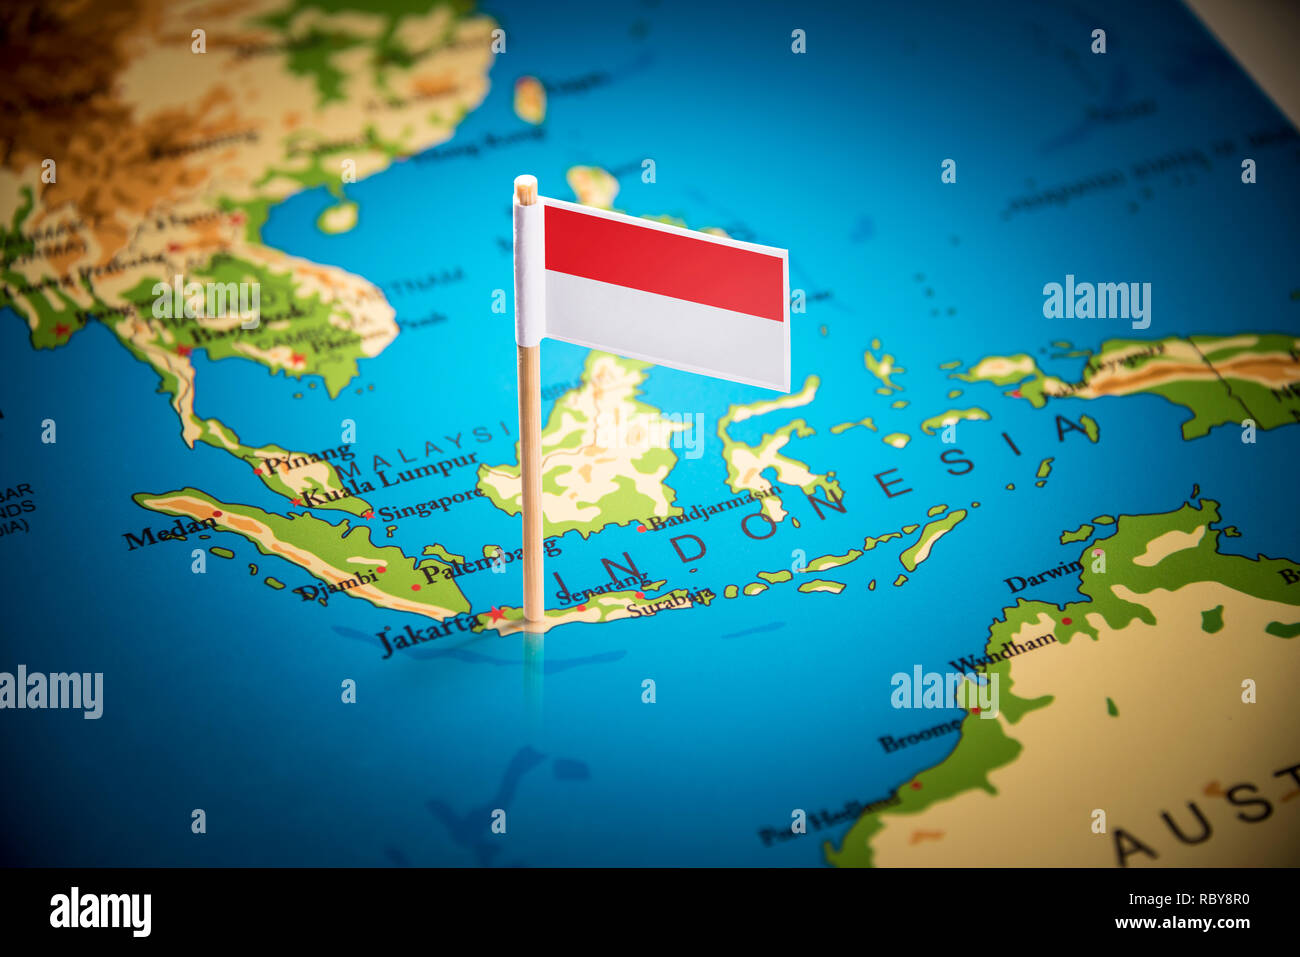 Indonesien Karte.Indonesische Karte Stockfotos Indonesische Karte Bilder